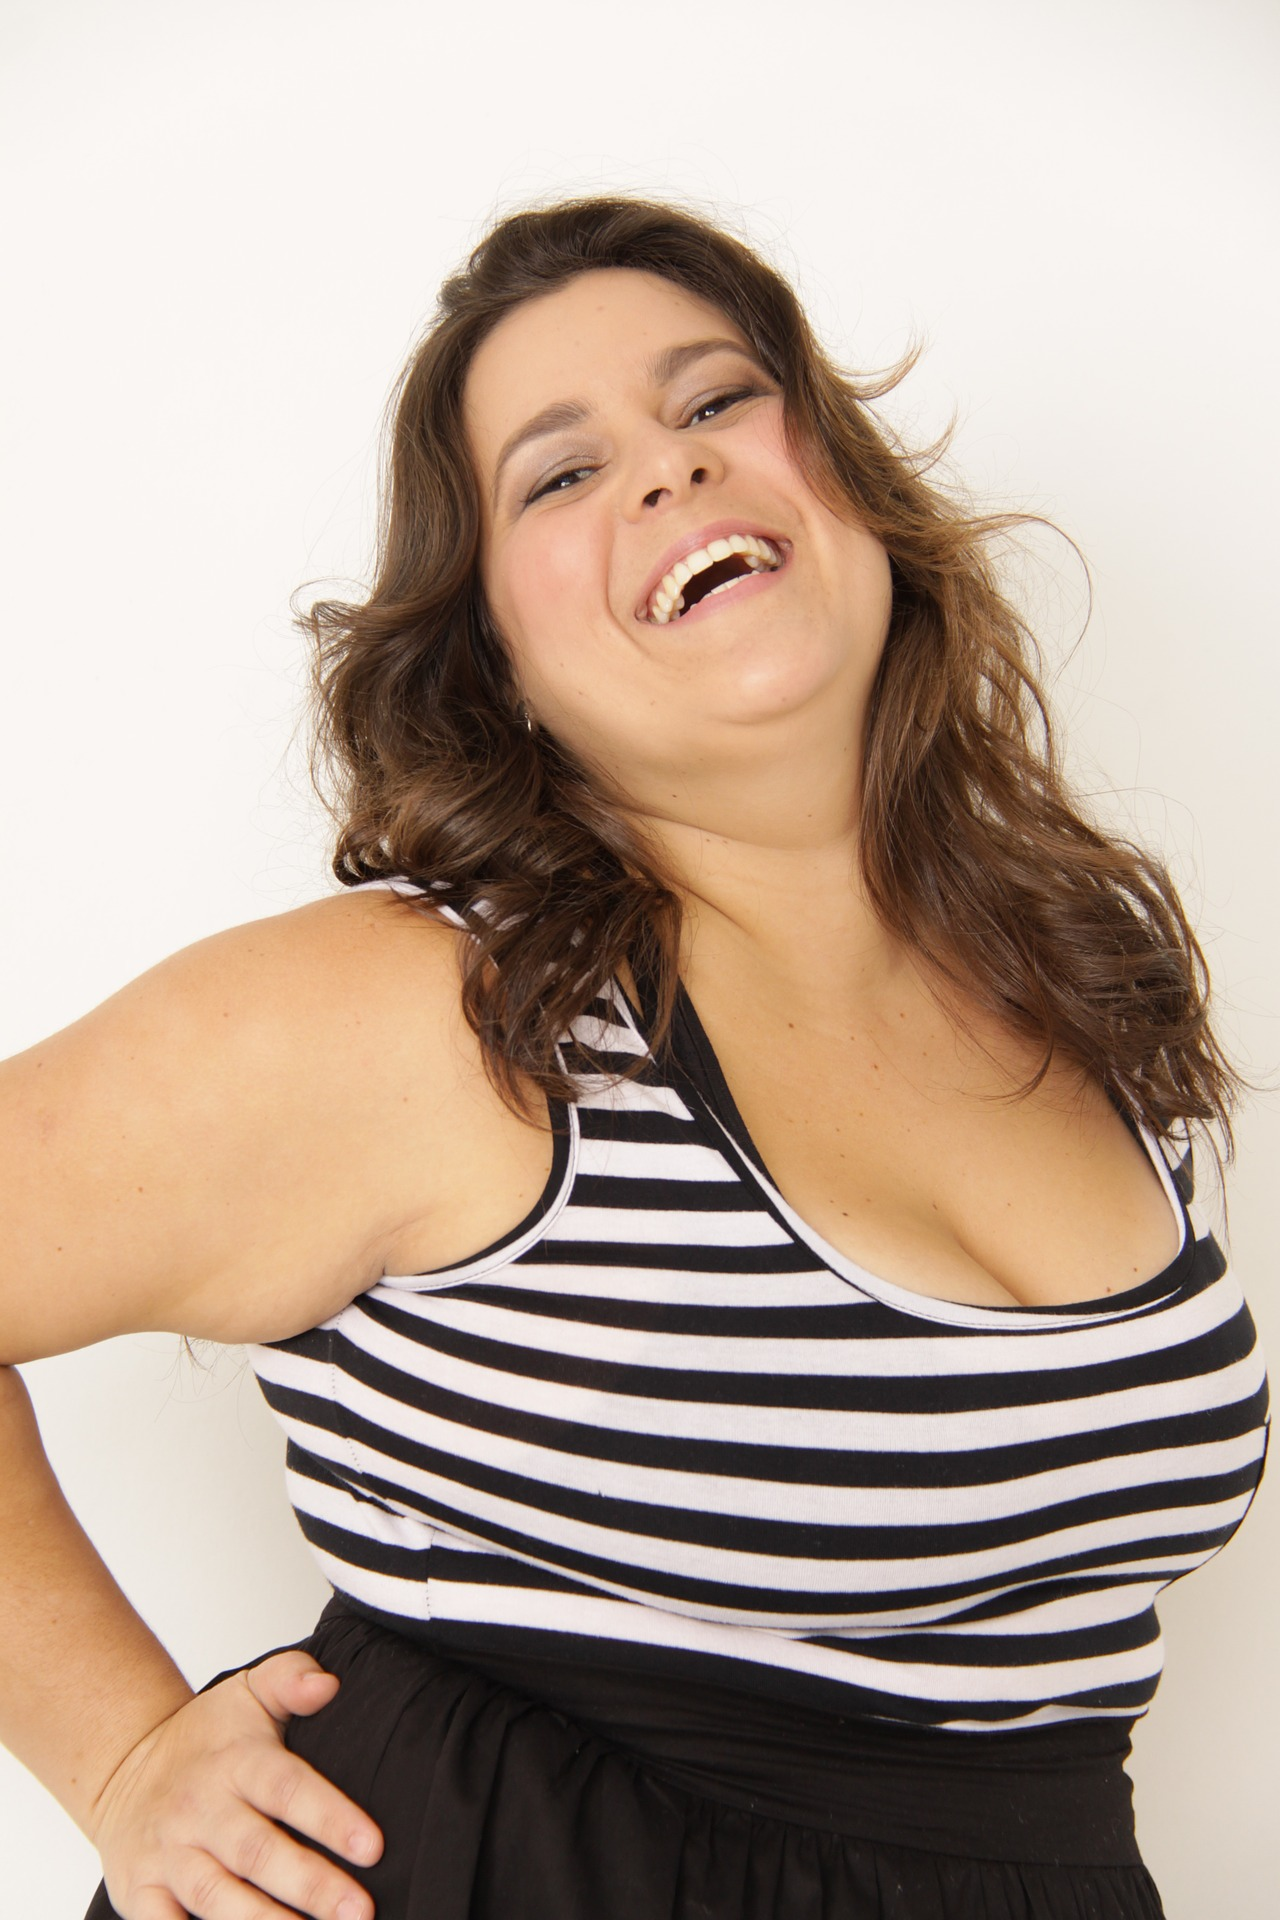 マリヤクリニックで機能性低血糖症が改善したが、約20キロ太ってしまったお話